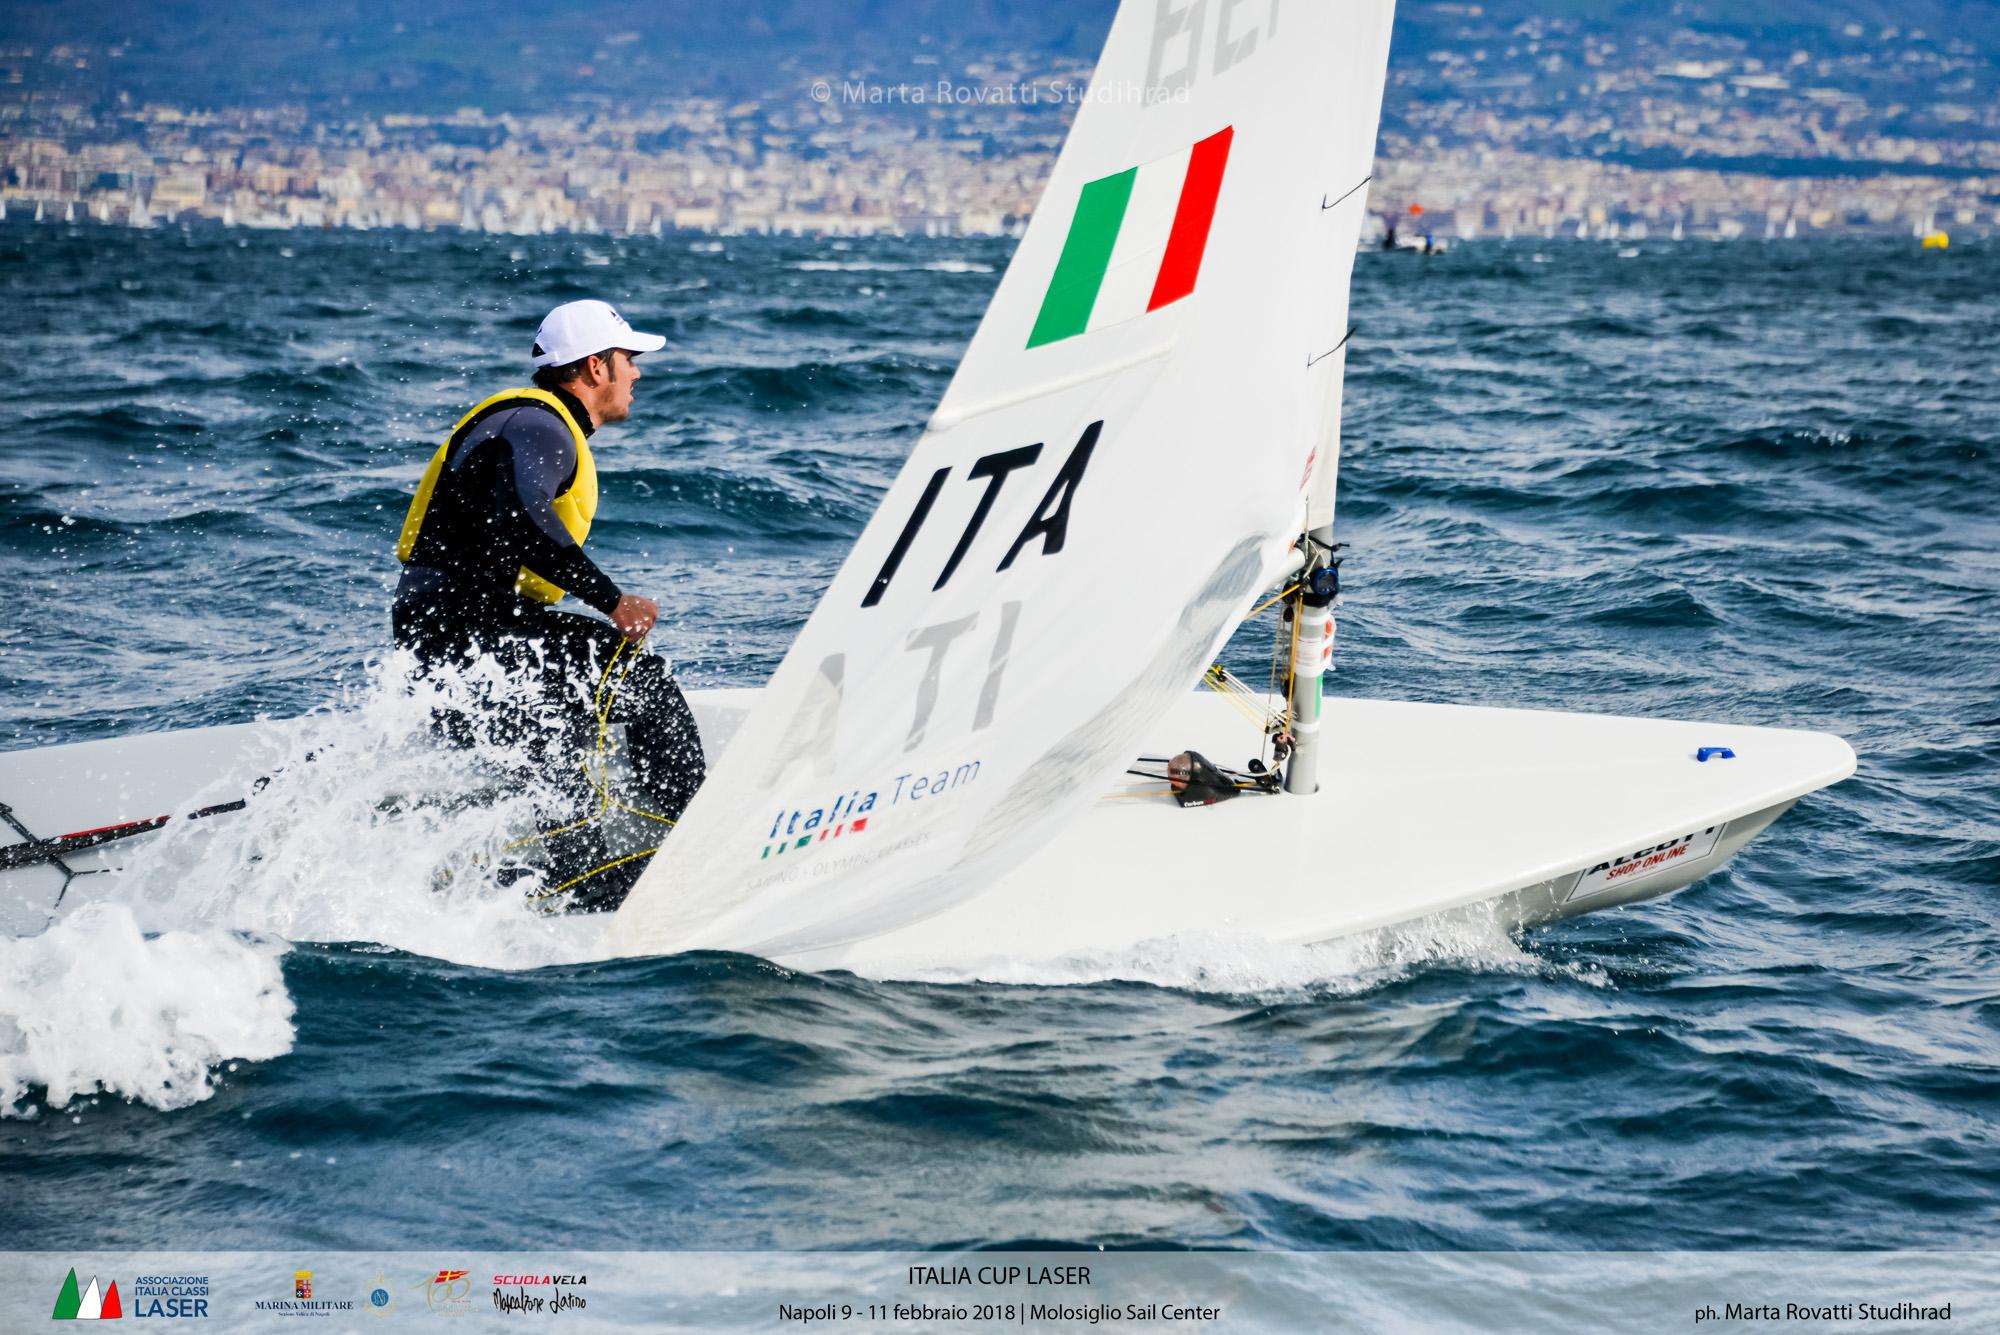 Associazione-Italia-Classi-Laser-2018-NapoliMGR_2514